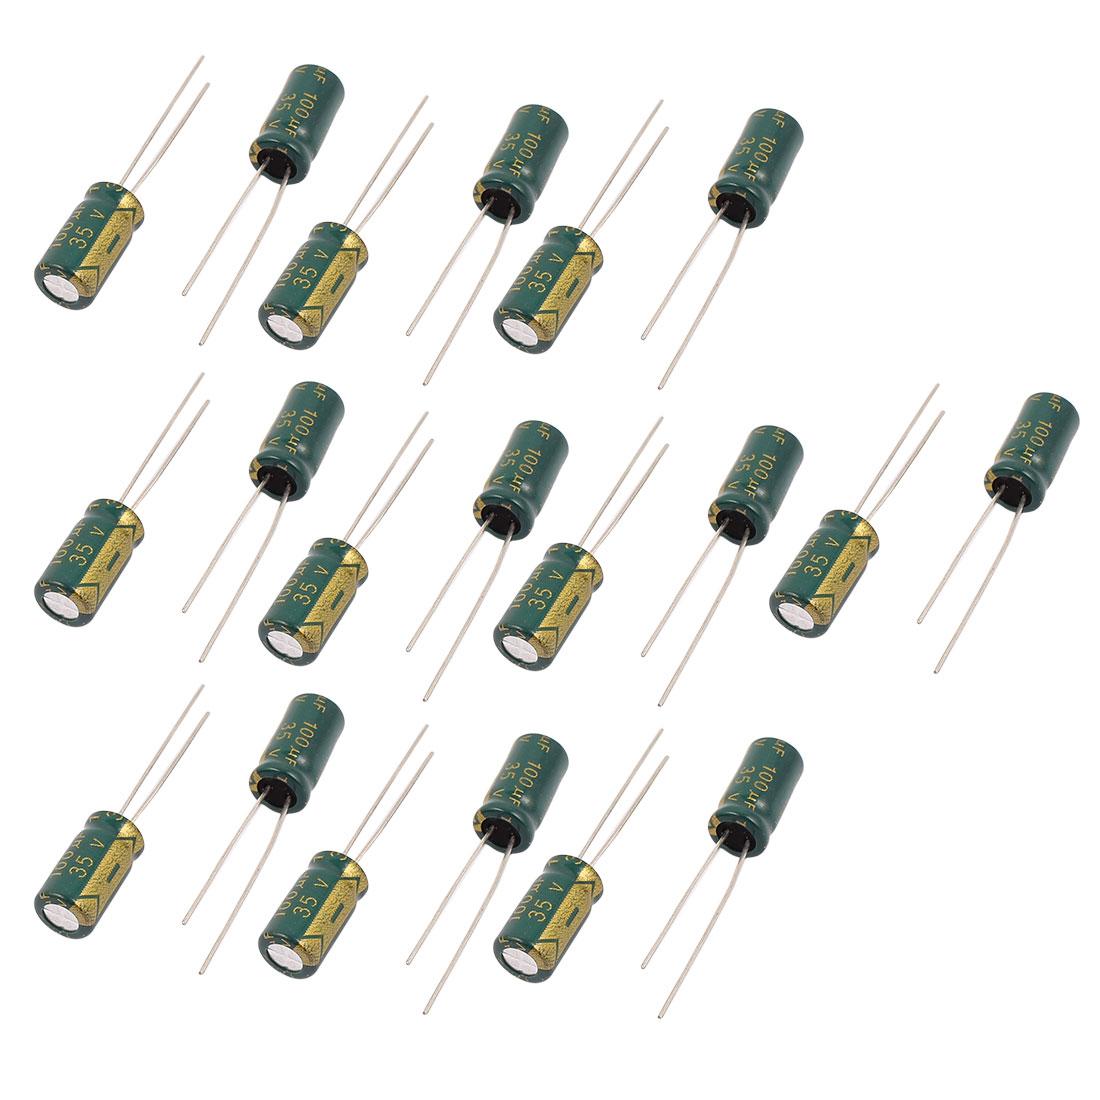 19Pcs 35V 100UF Aluminum Electrolytic Capacitors 105 degree Celsius 6.3x12mm